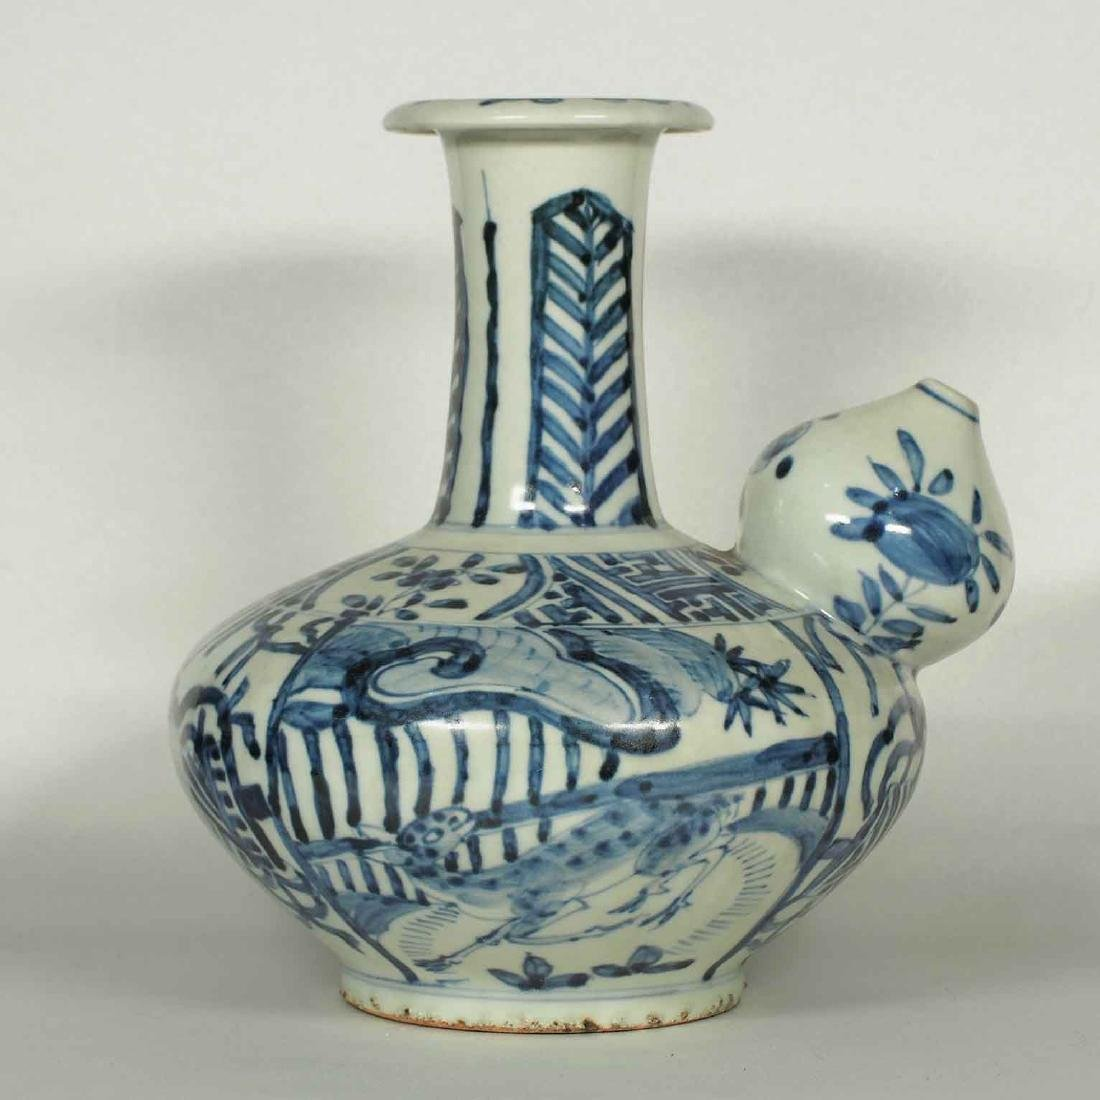 Kraak-Type Kendi, Wanli, Ming Dynasty